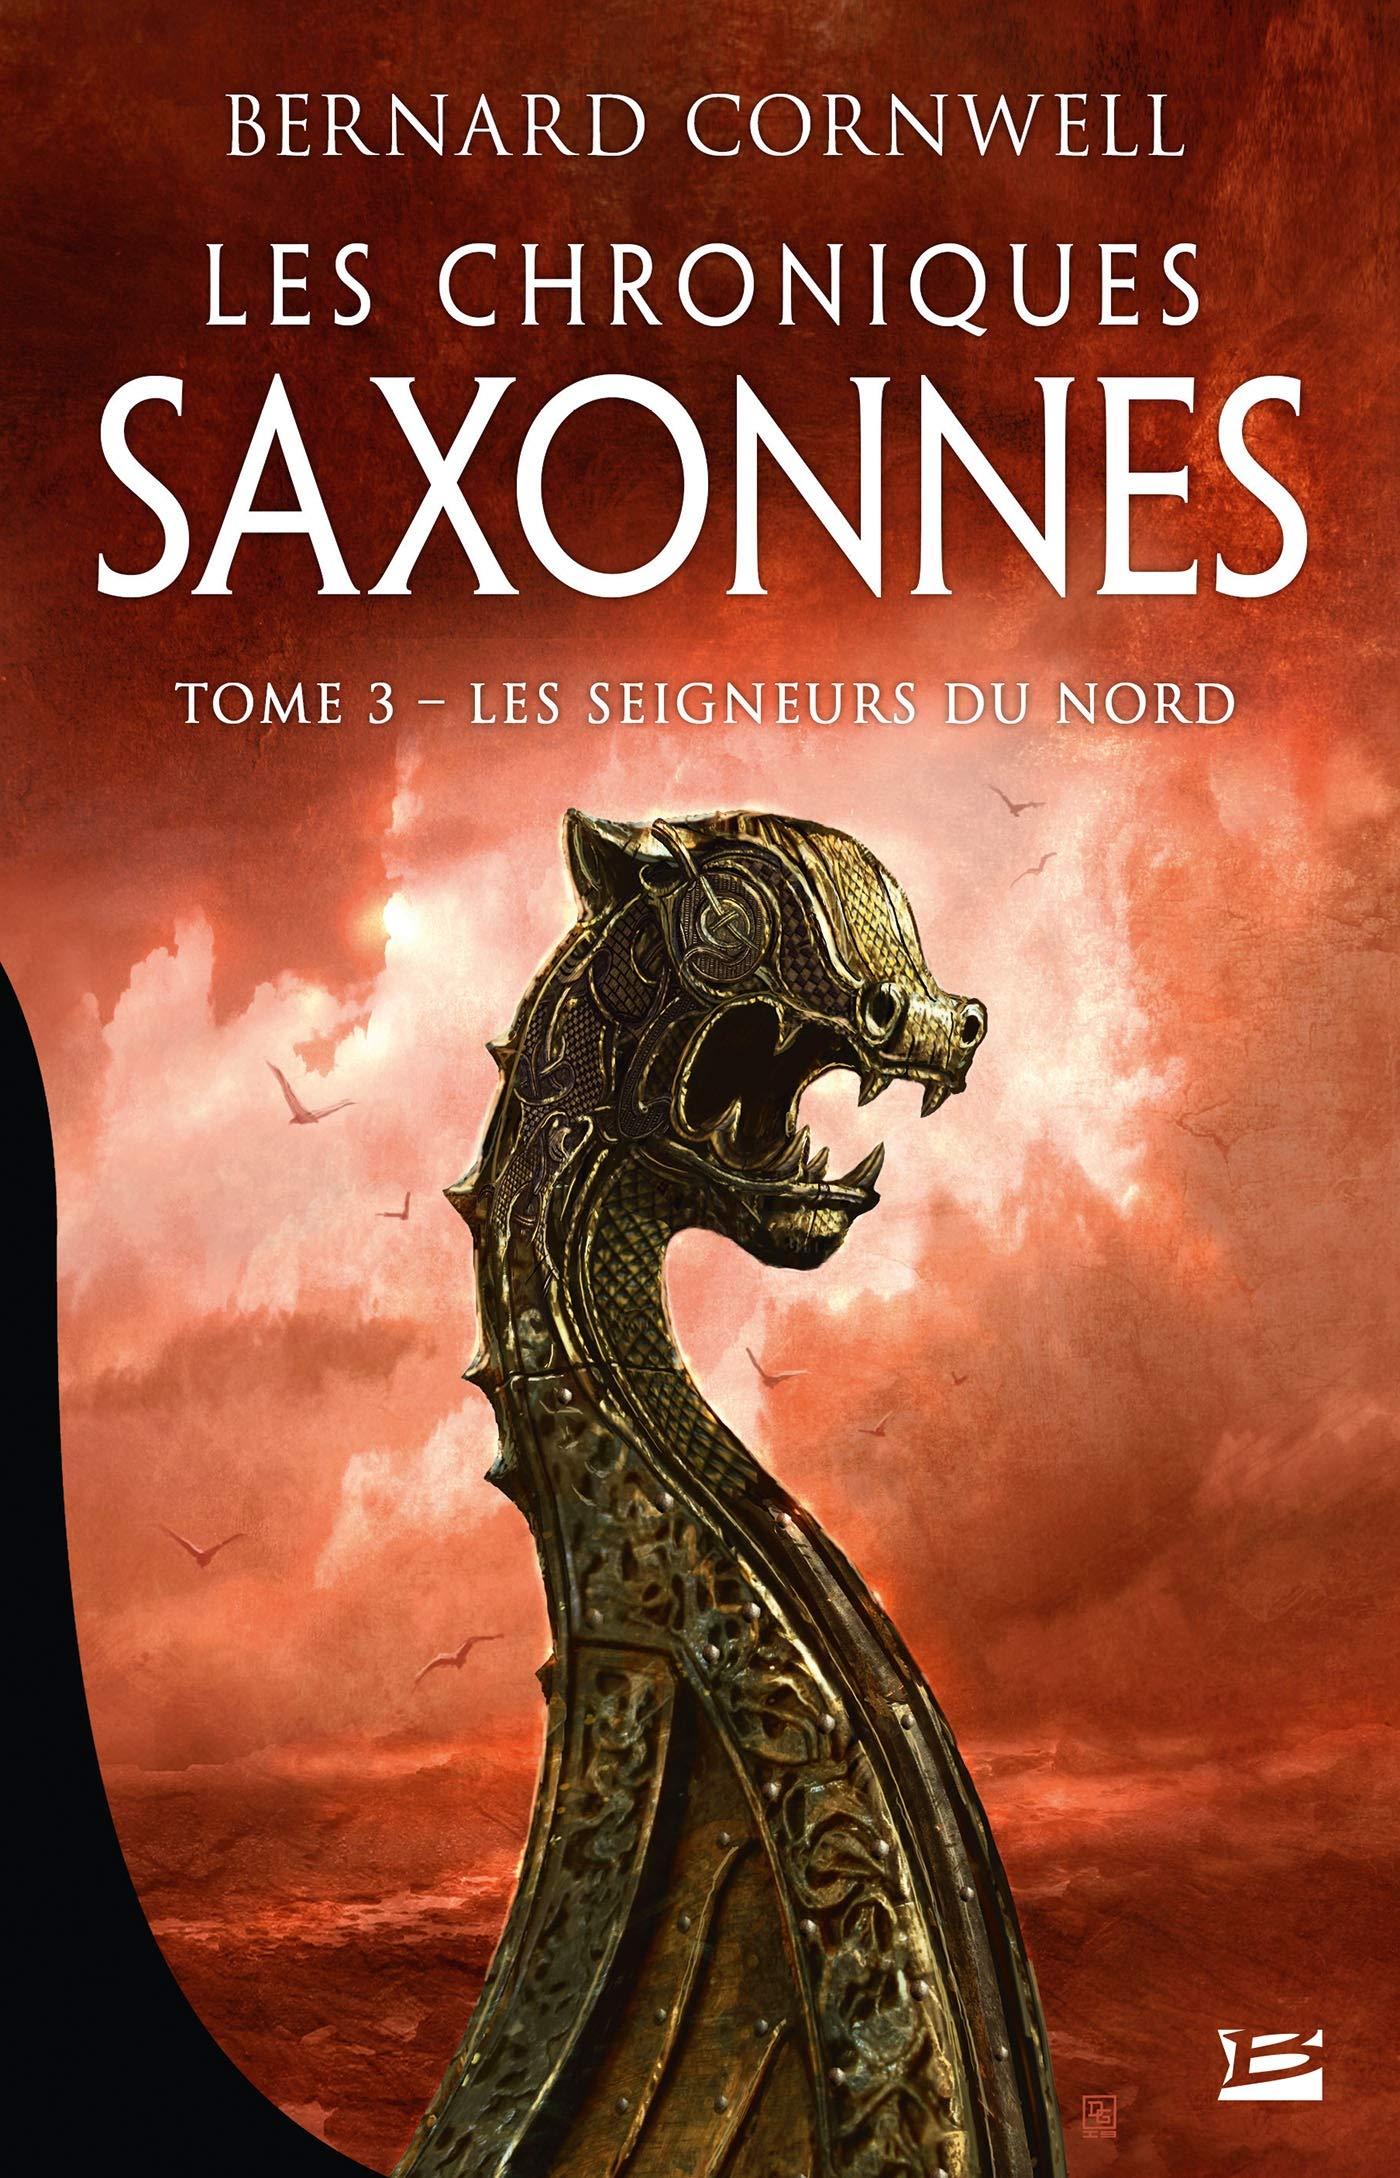 Les Chroniques saxonnes – Tome 3 – Les Seigneurs du Nord  / The Last Kingdom